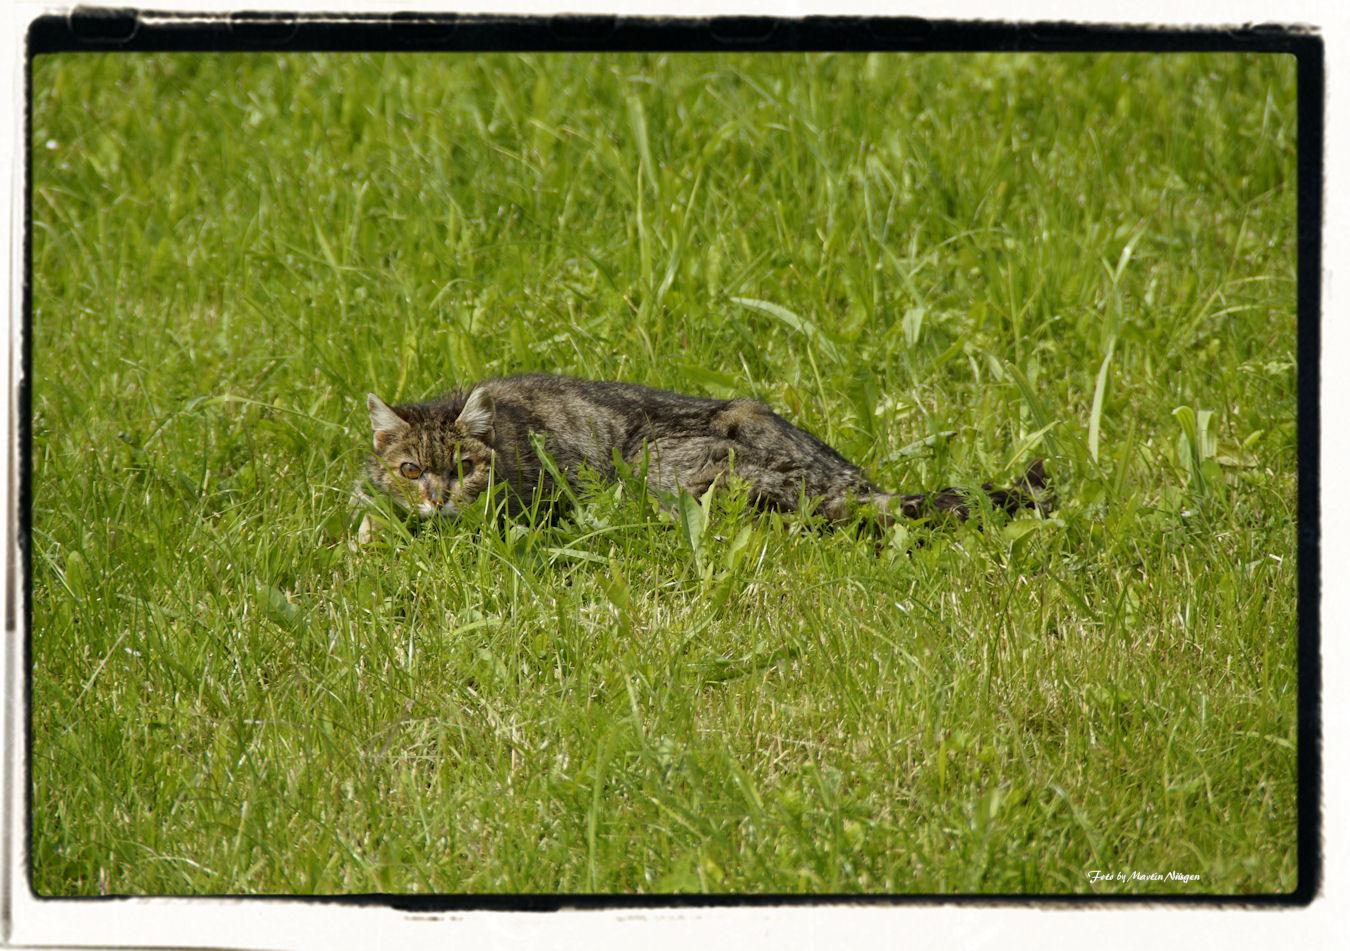 Auf der Lauer im Gras